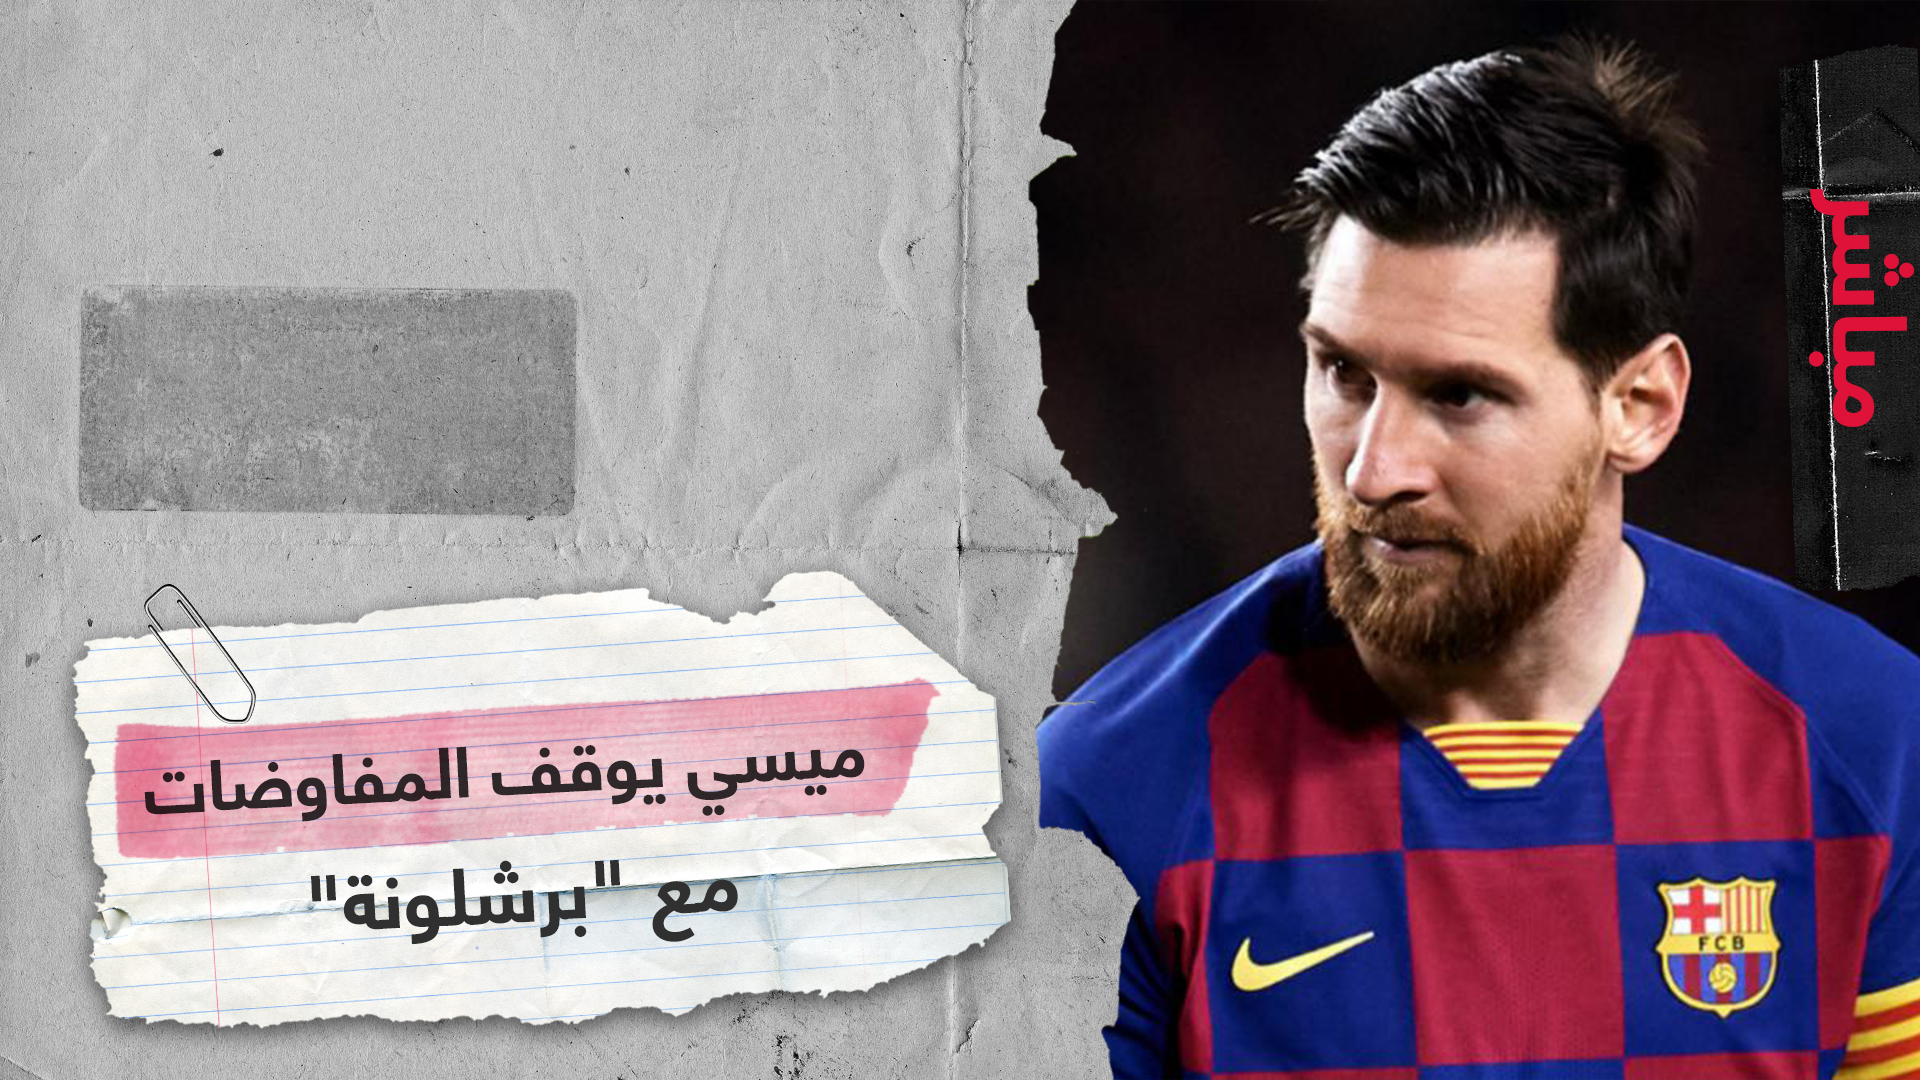 ميسي يوقف المفاوضات مع برشلونة ويعلن نيته مغادرة النادي عند انتهاء عقده في 2021